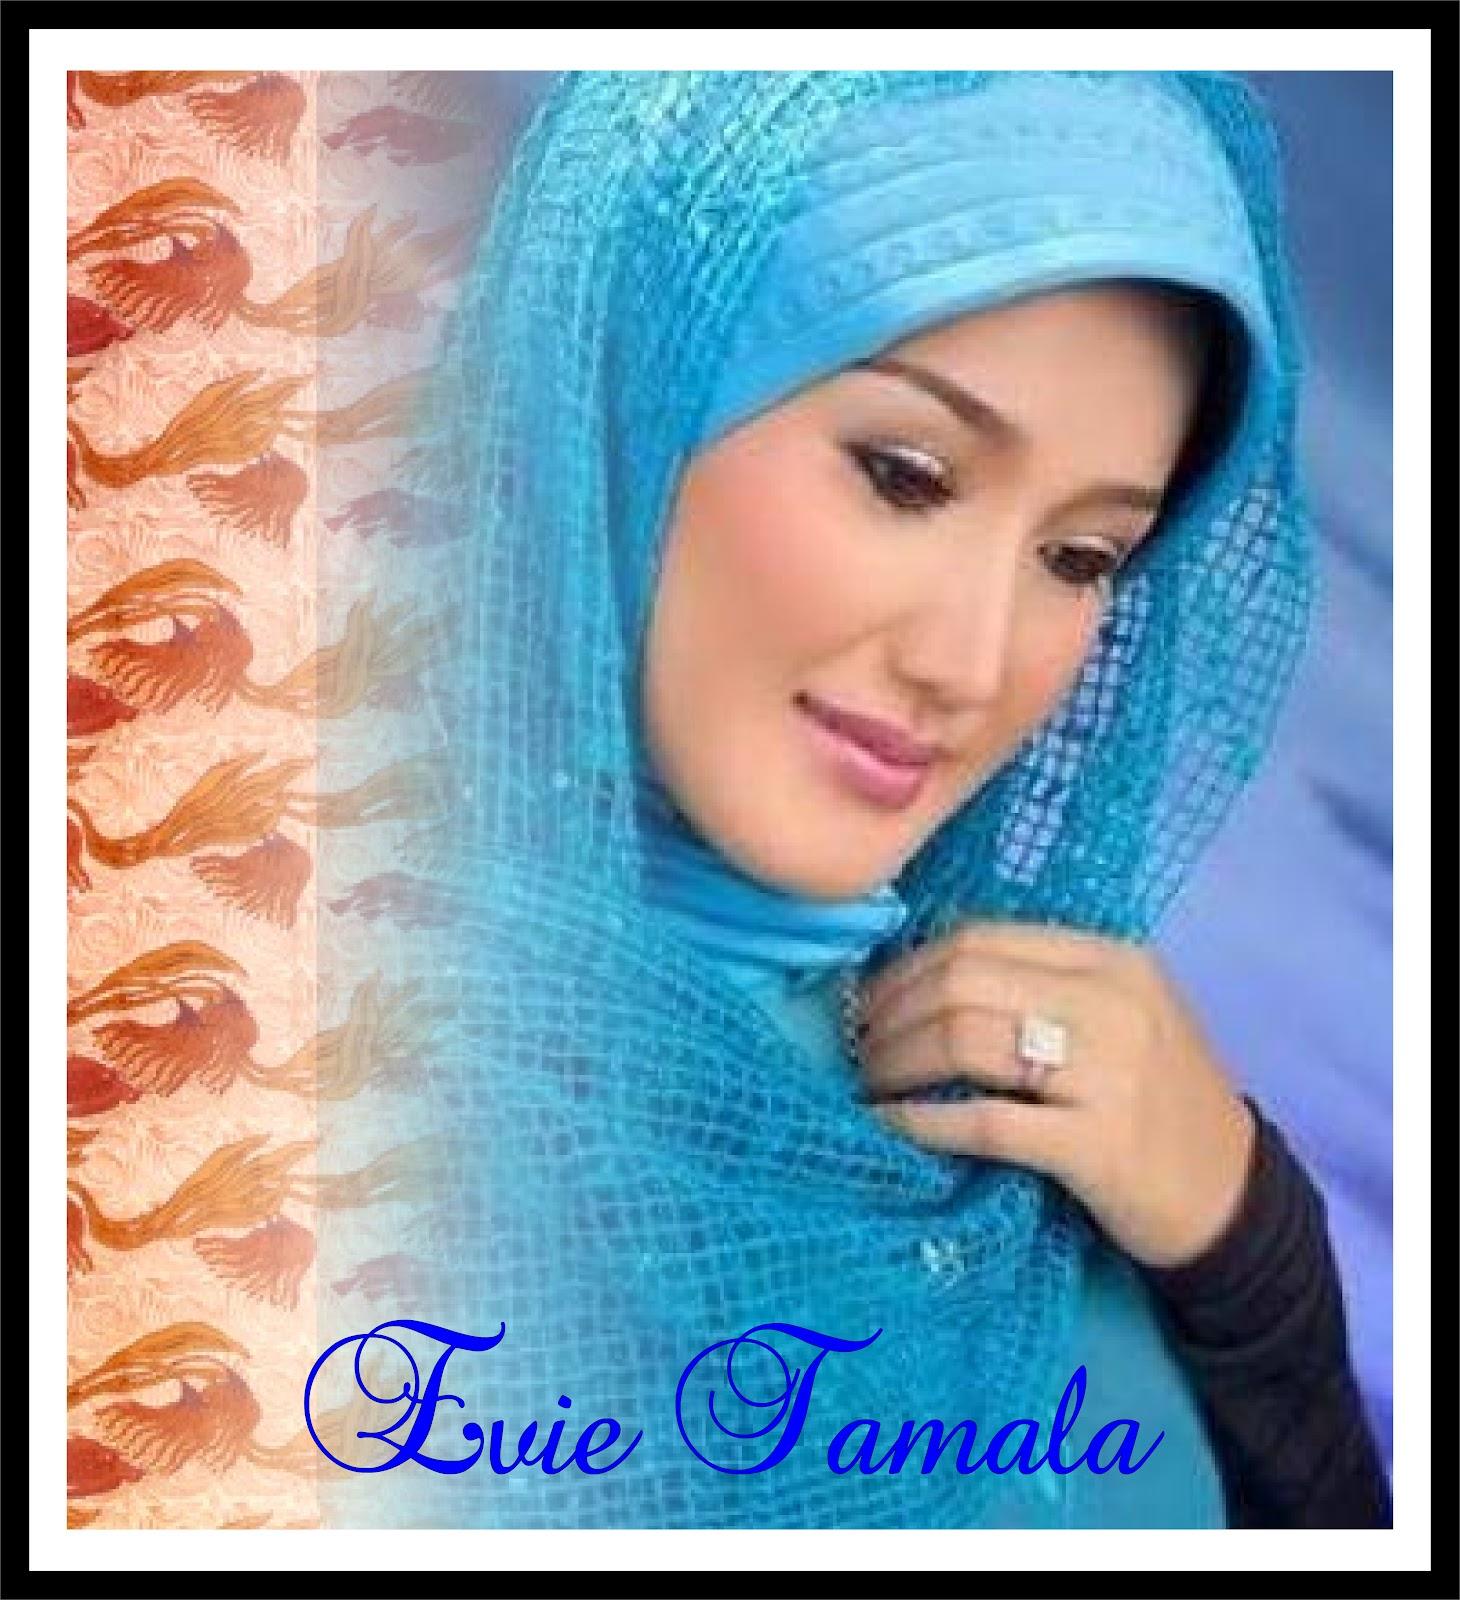 Download Lagu Dangdut Meraih Bintang: Download Lagu Mp3 Dangdut Gratis Evie Tamala